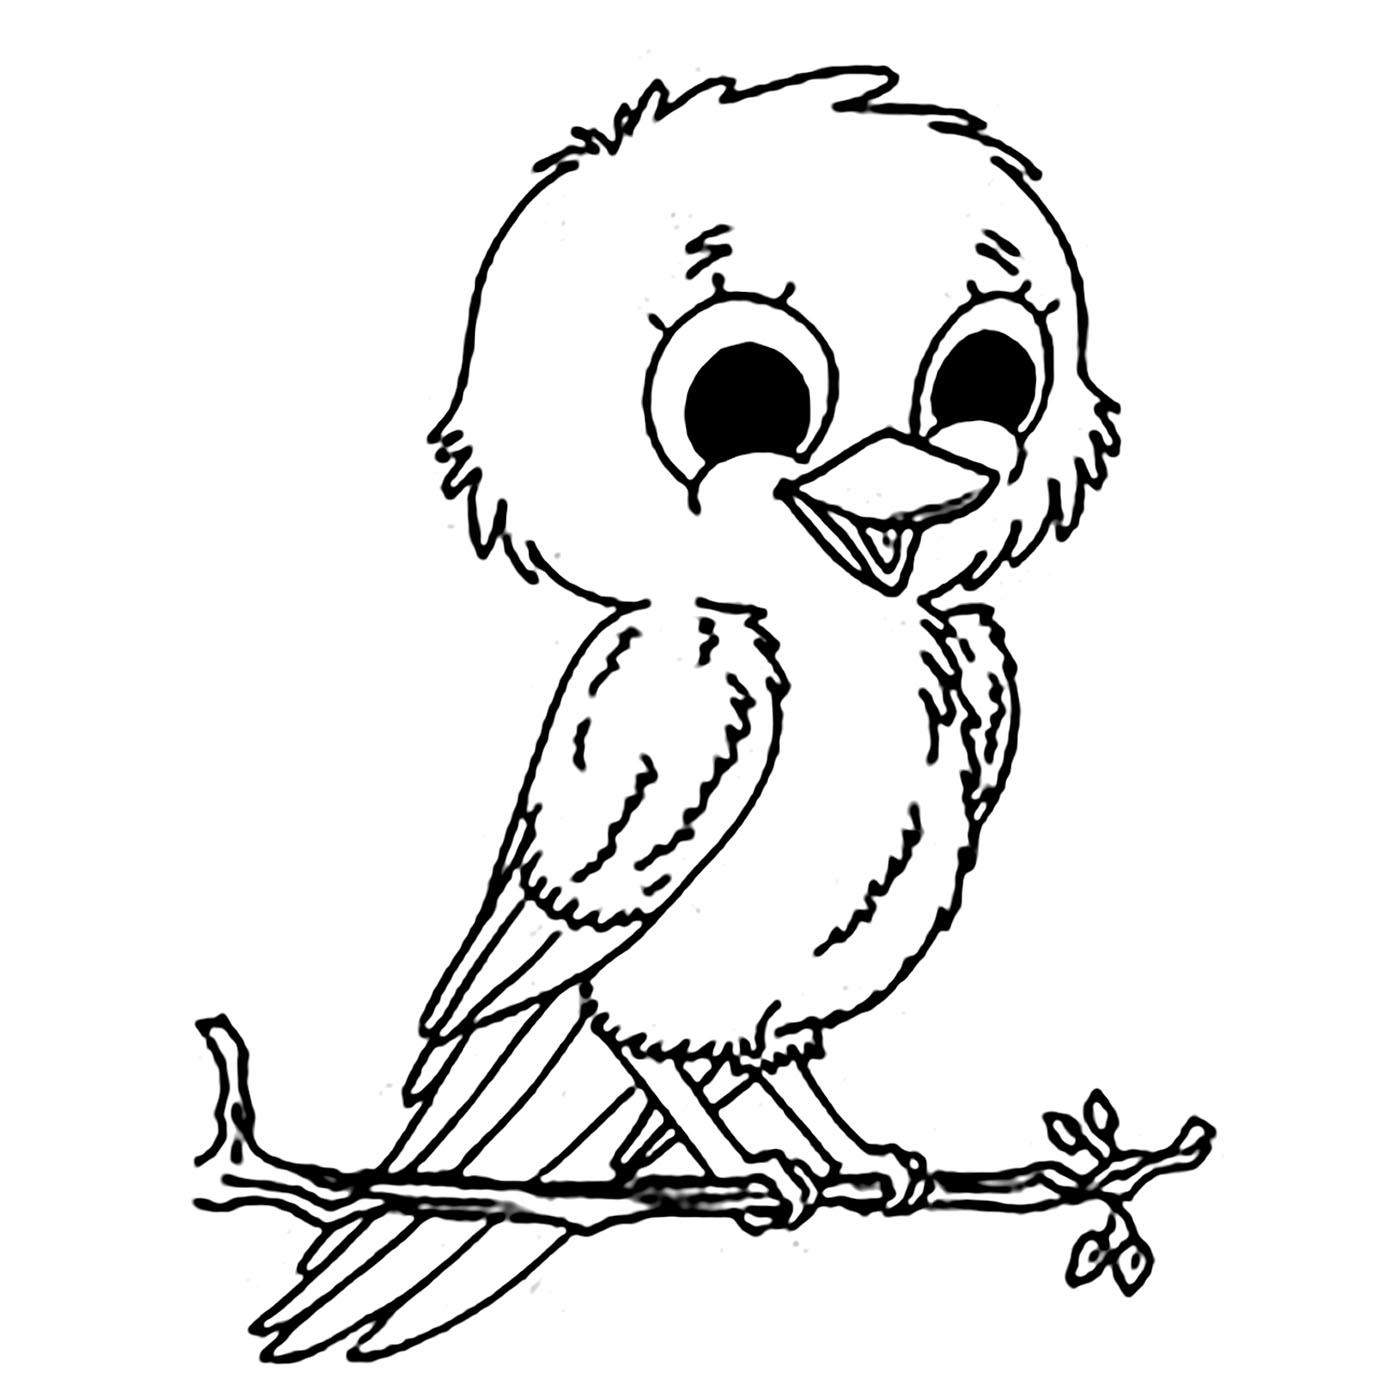 Petit Oiseau Coloriage D Oiseaux Coloriages Pour Enfants